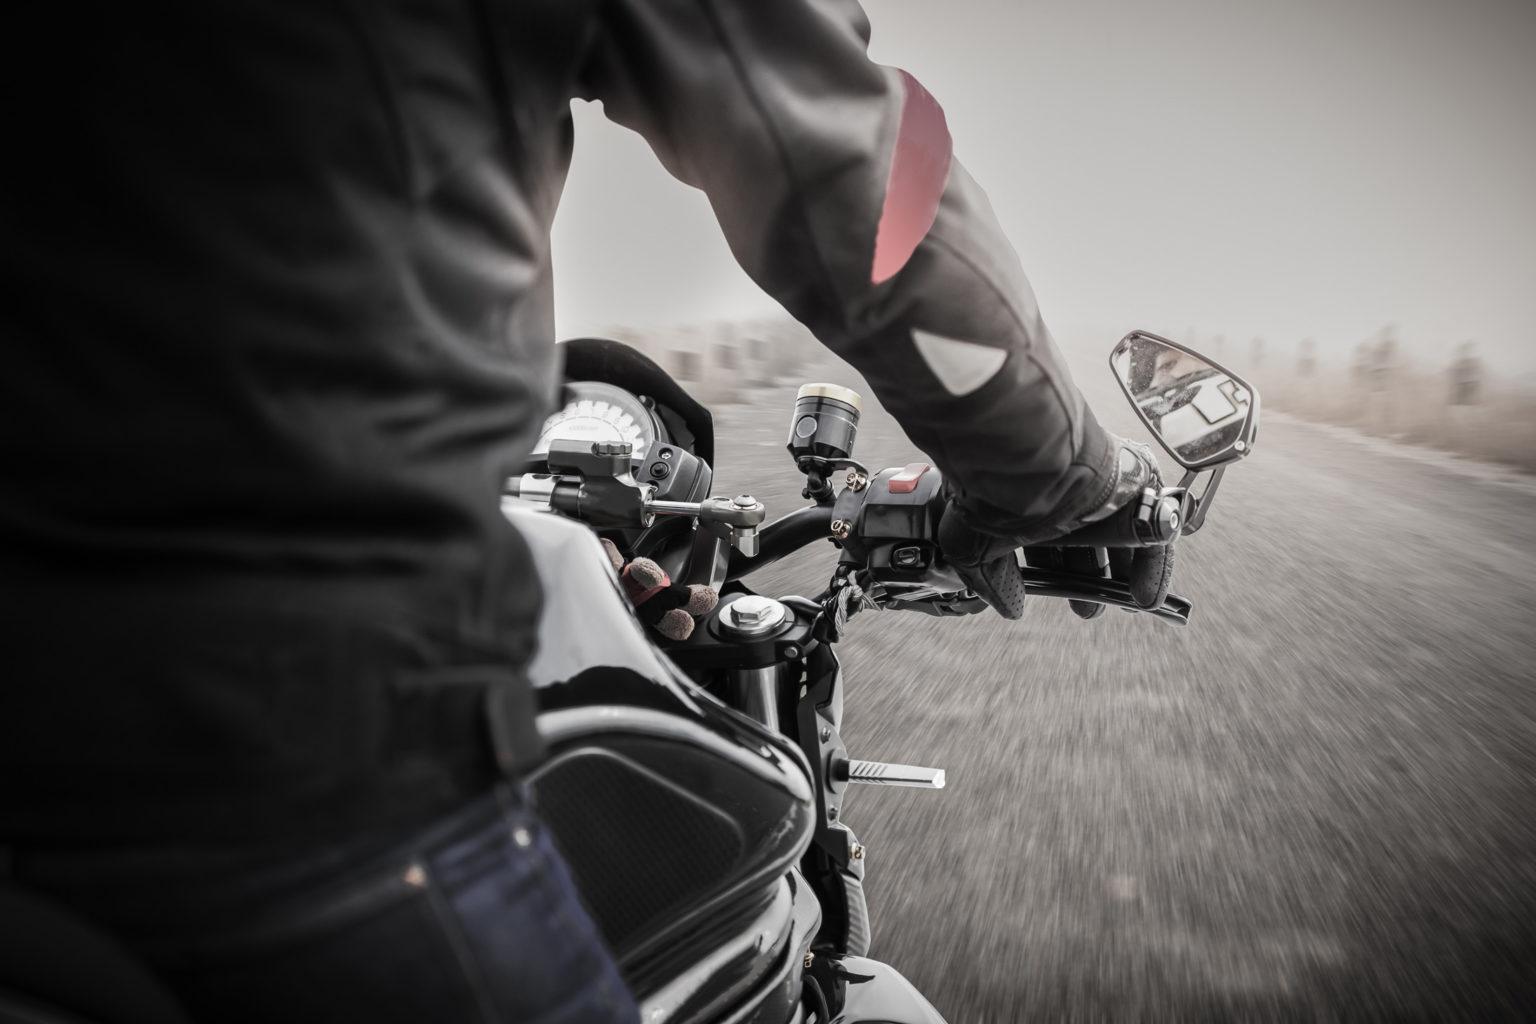 Conducir moto en invierno